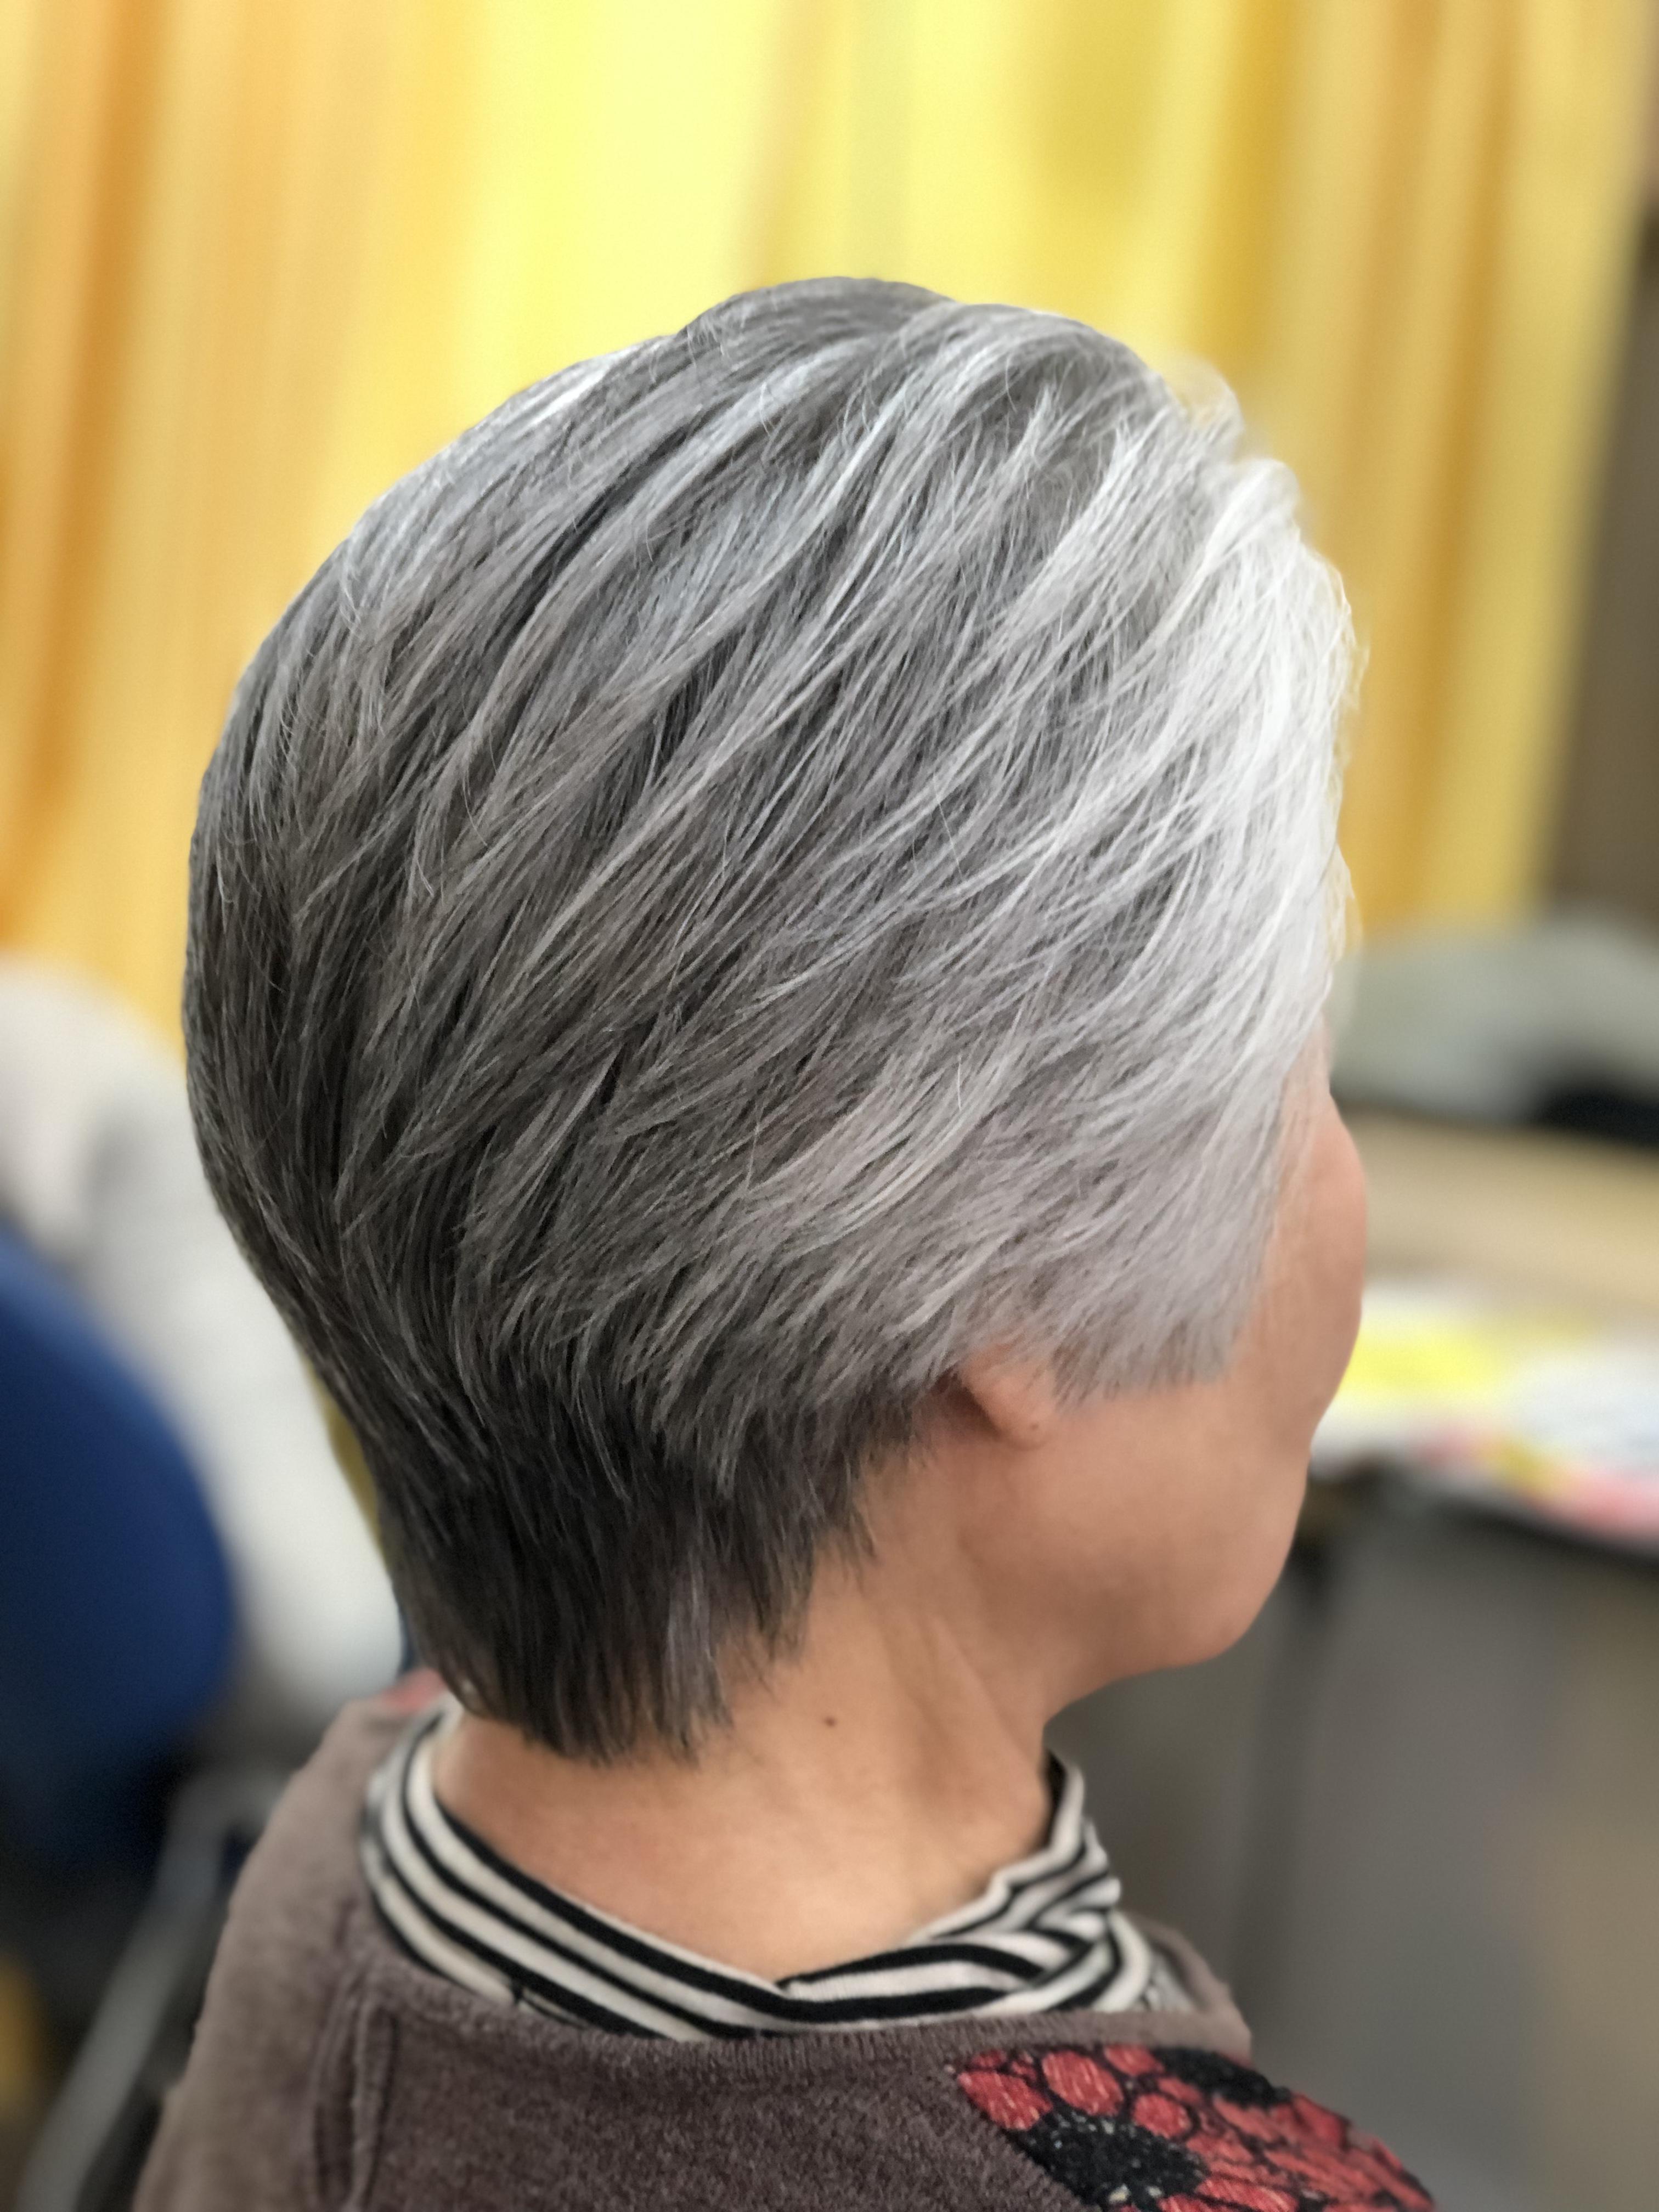 80代 大人女性のくせ毛カット